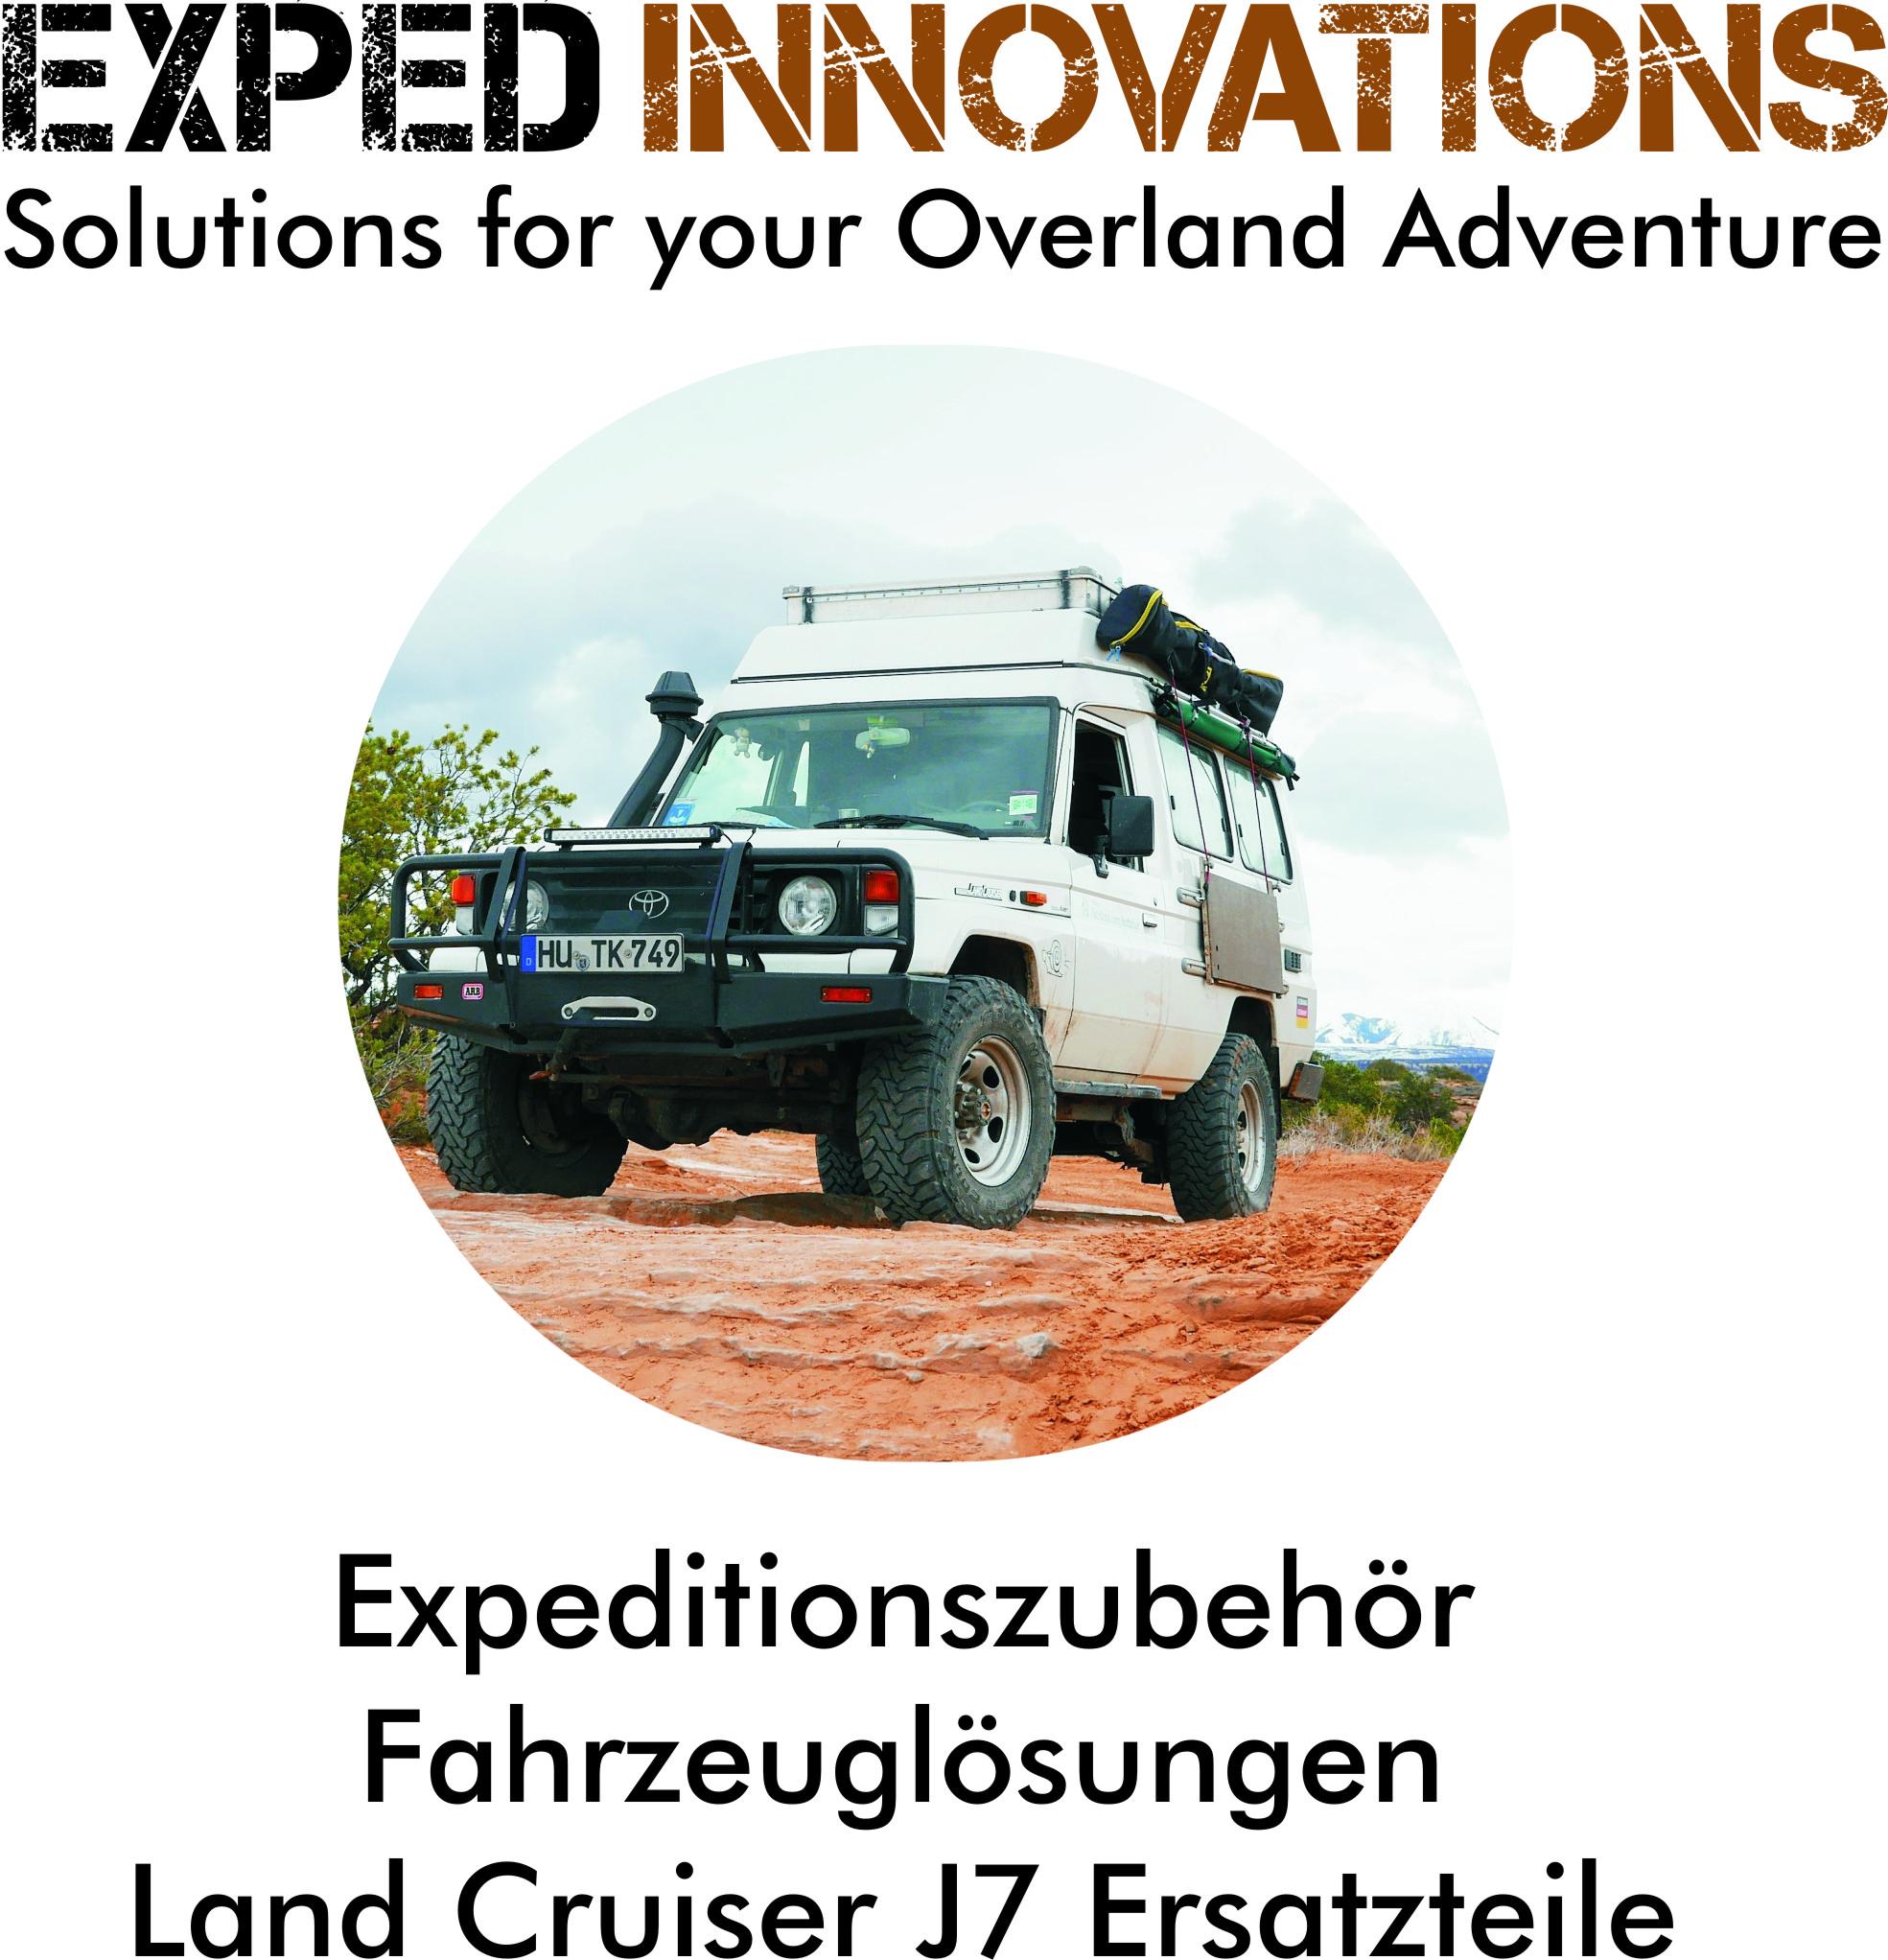 Exped Innovations - Expeditionszubehör, Fahrzeuglösungen & Ersatzteile